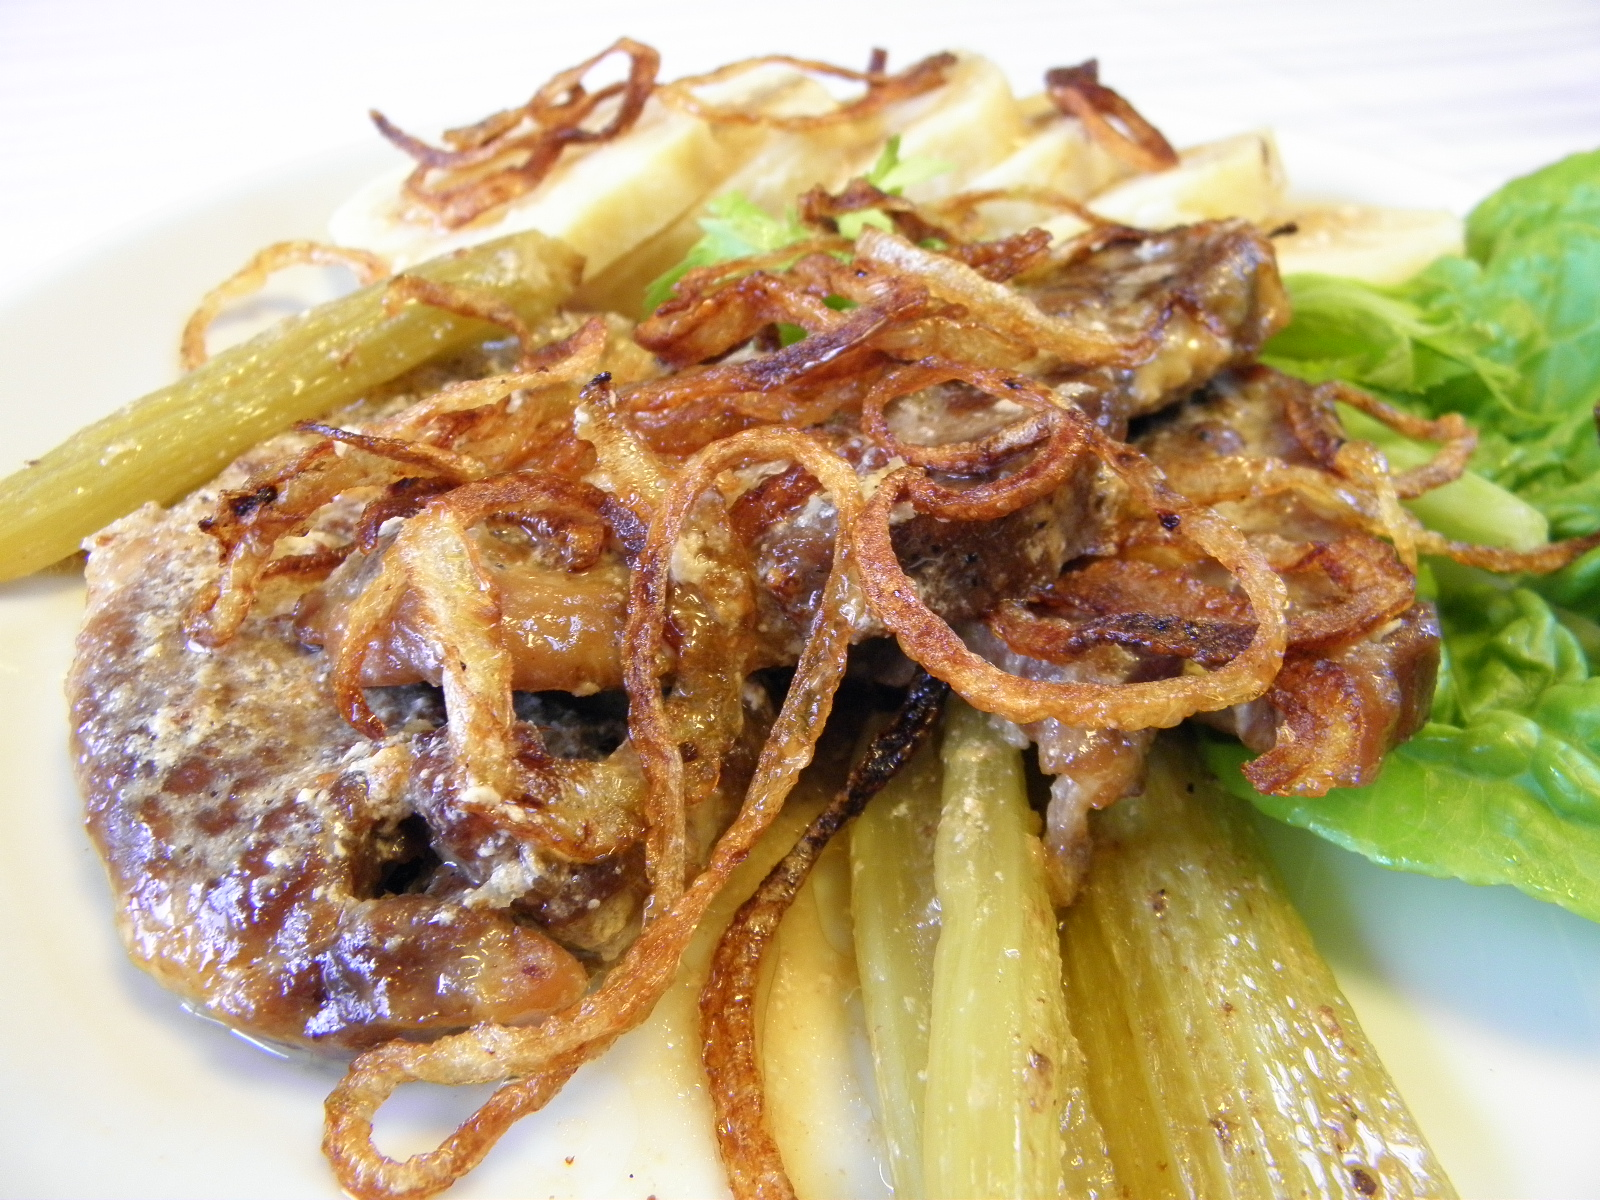 Fotografie receptu: Pečená krkovice na celeru se smaženou cibulkou